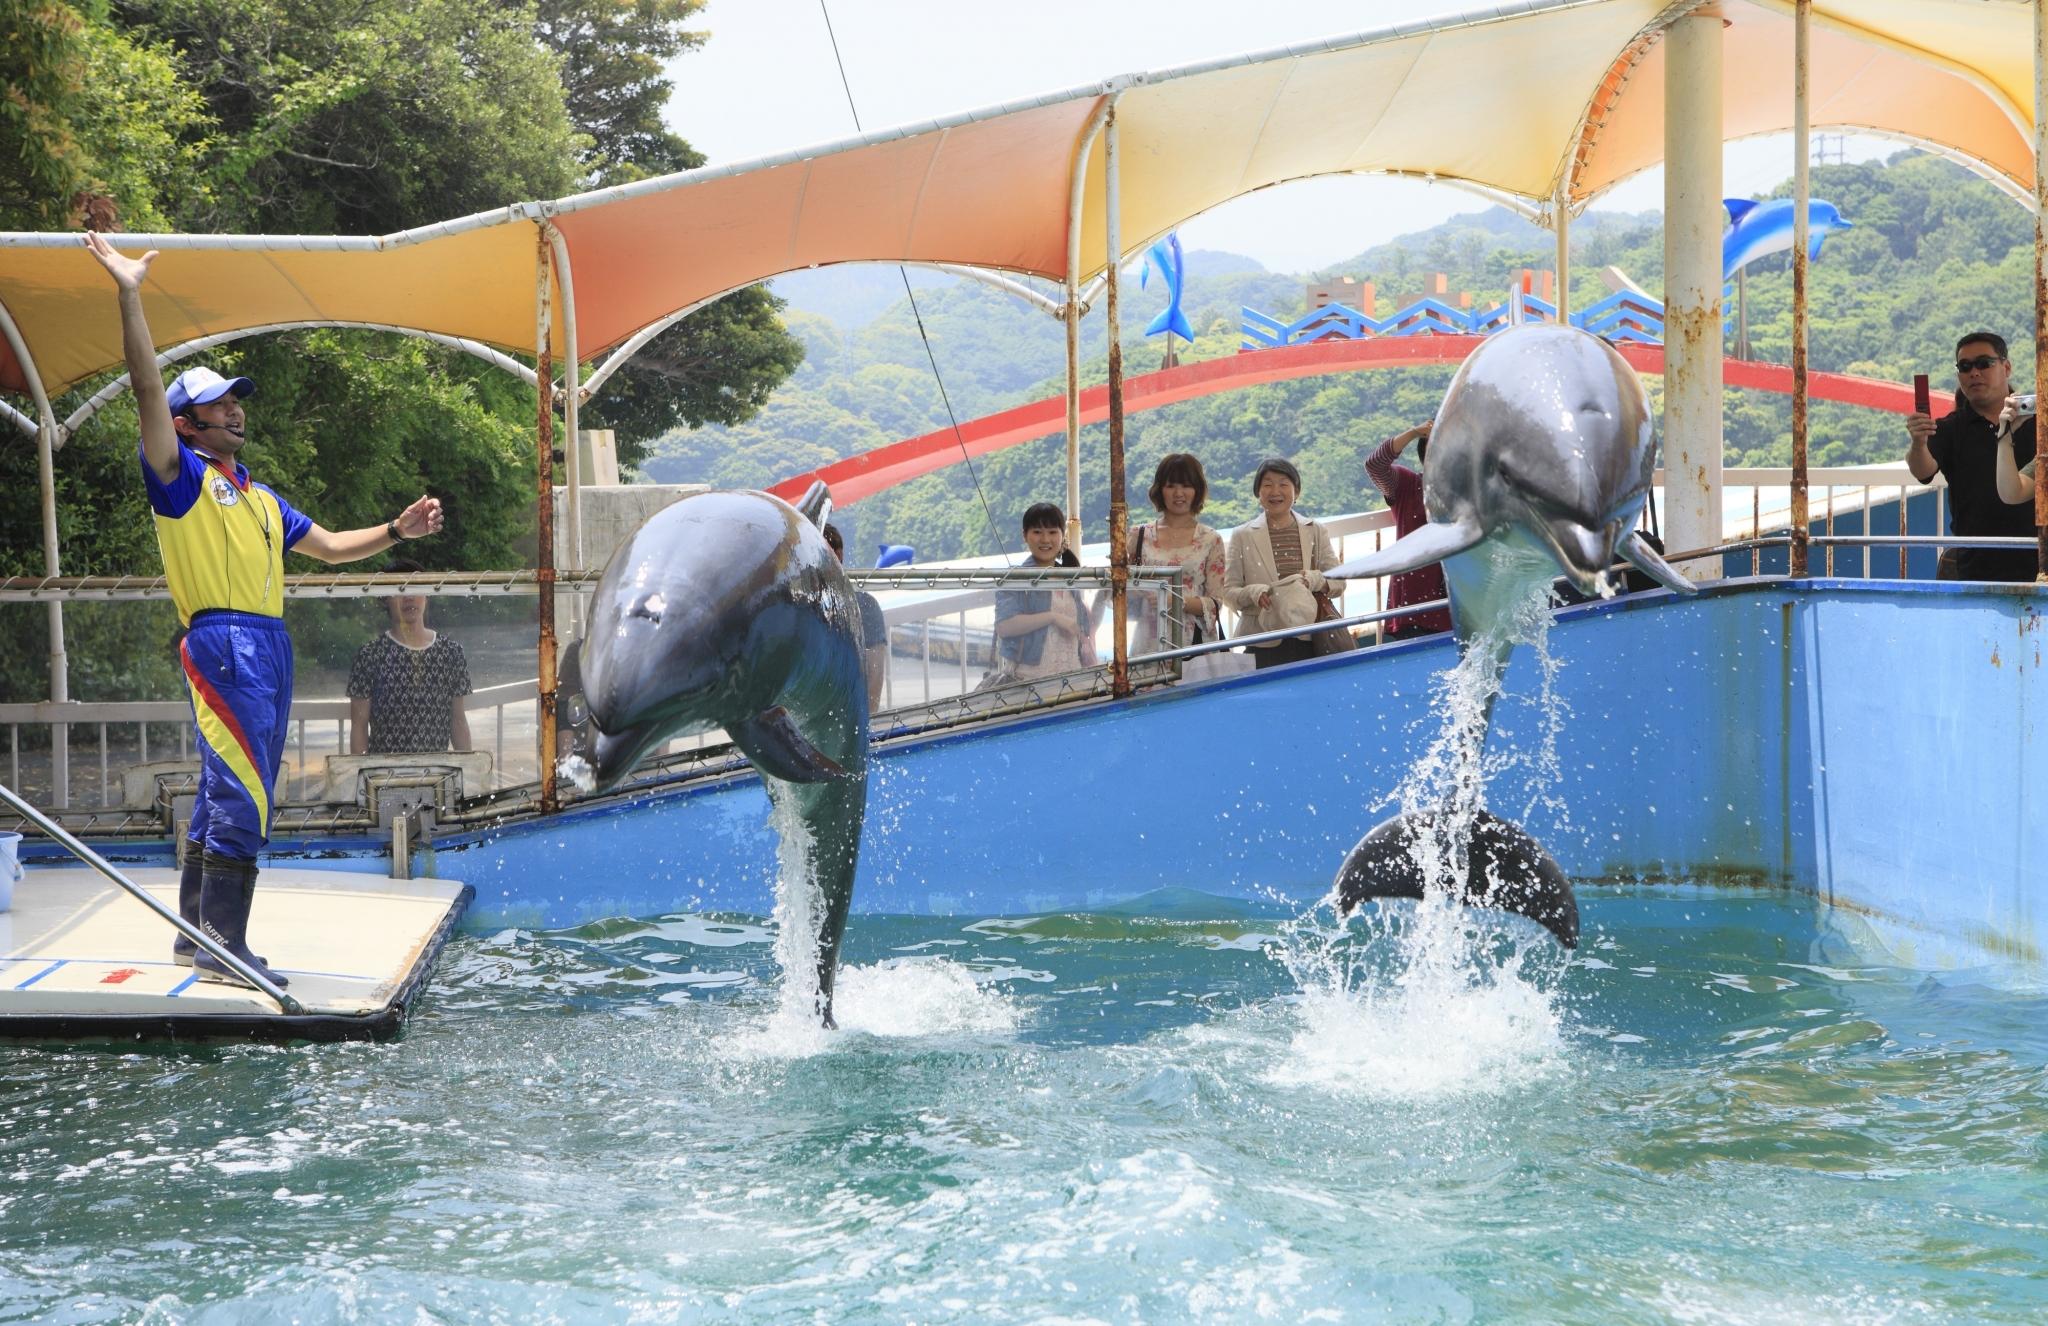 Croisière dans la baie de Toba et la visite de l'île des dauphins (Irukajima)